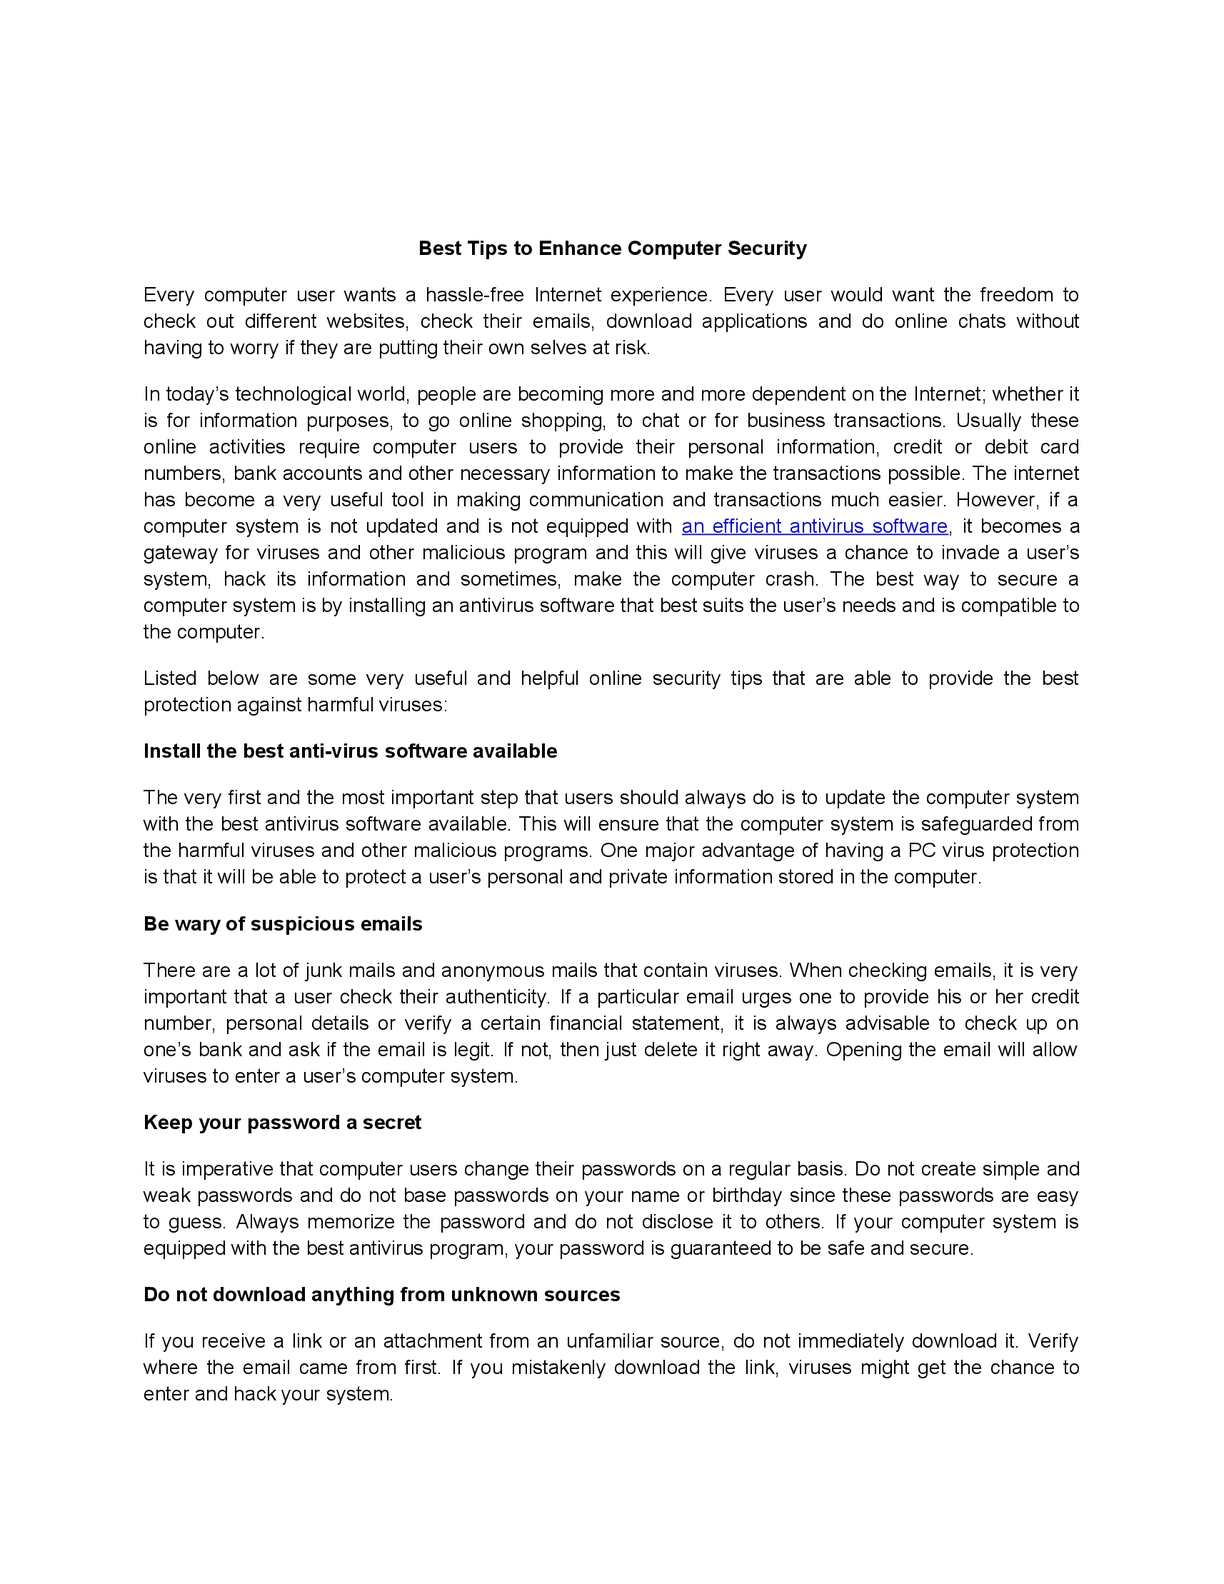 Calaméo - Best Tips to Enhance Computer Security